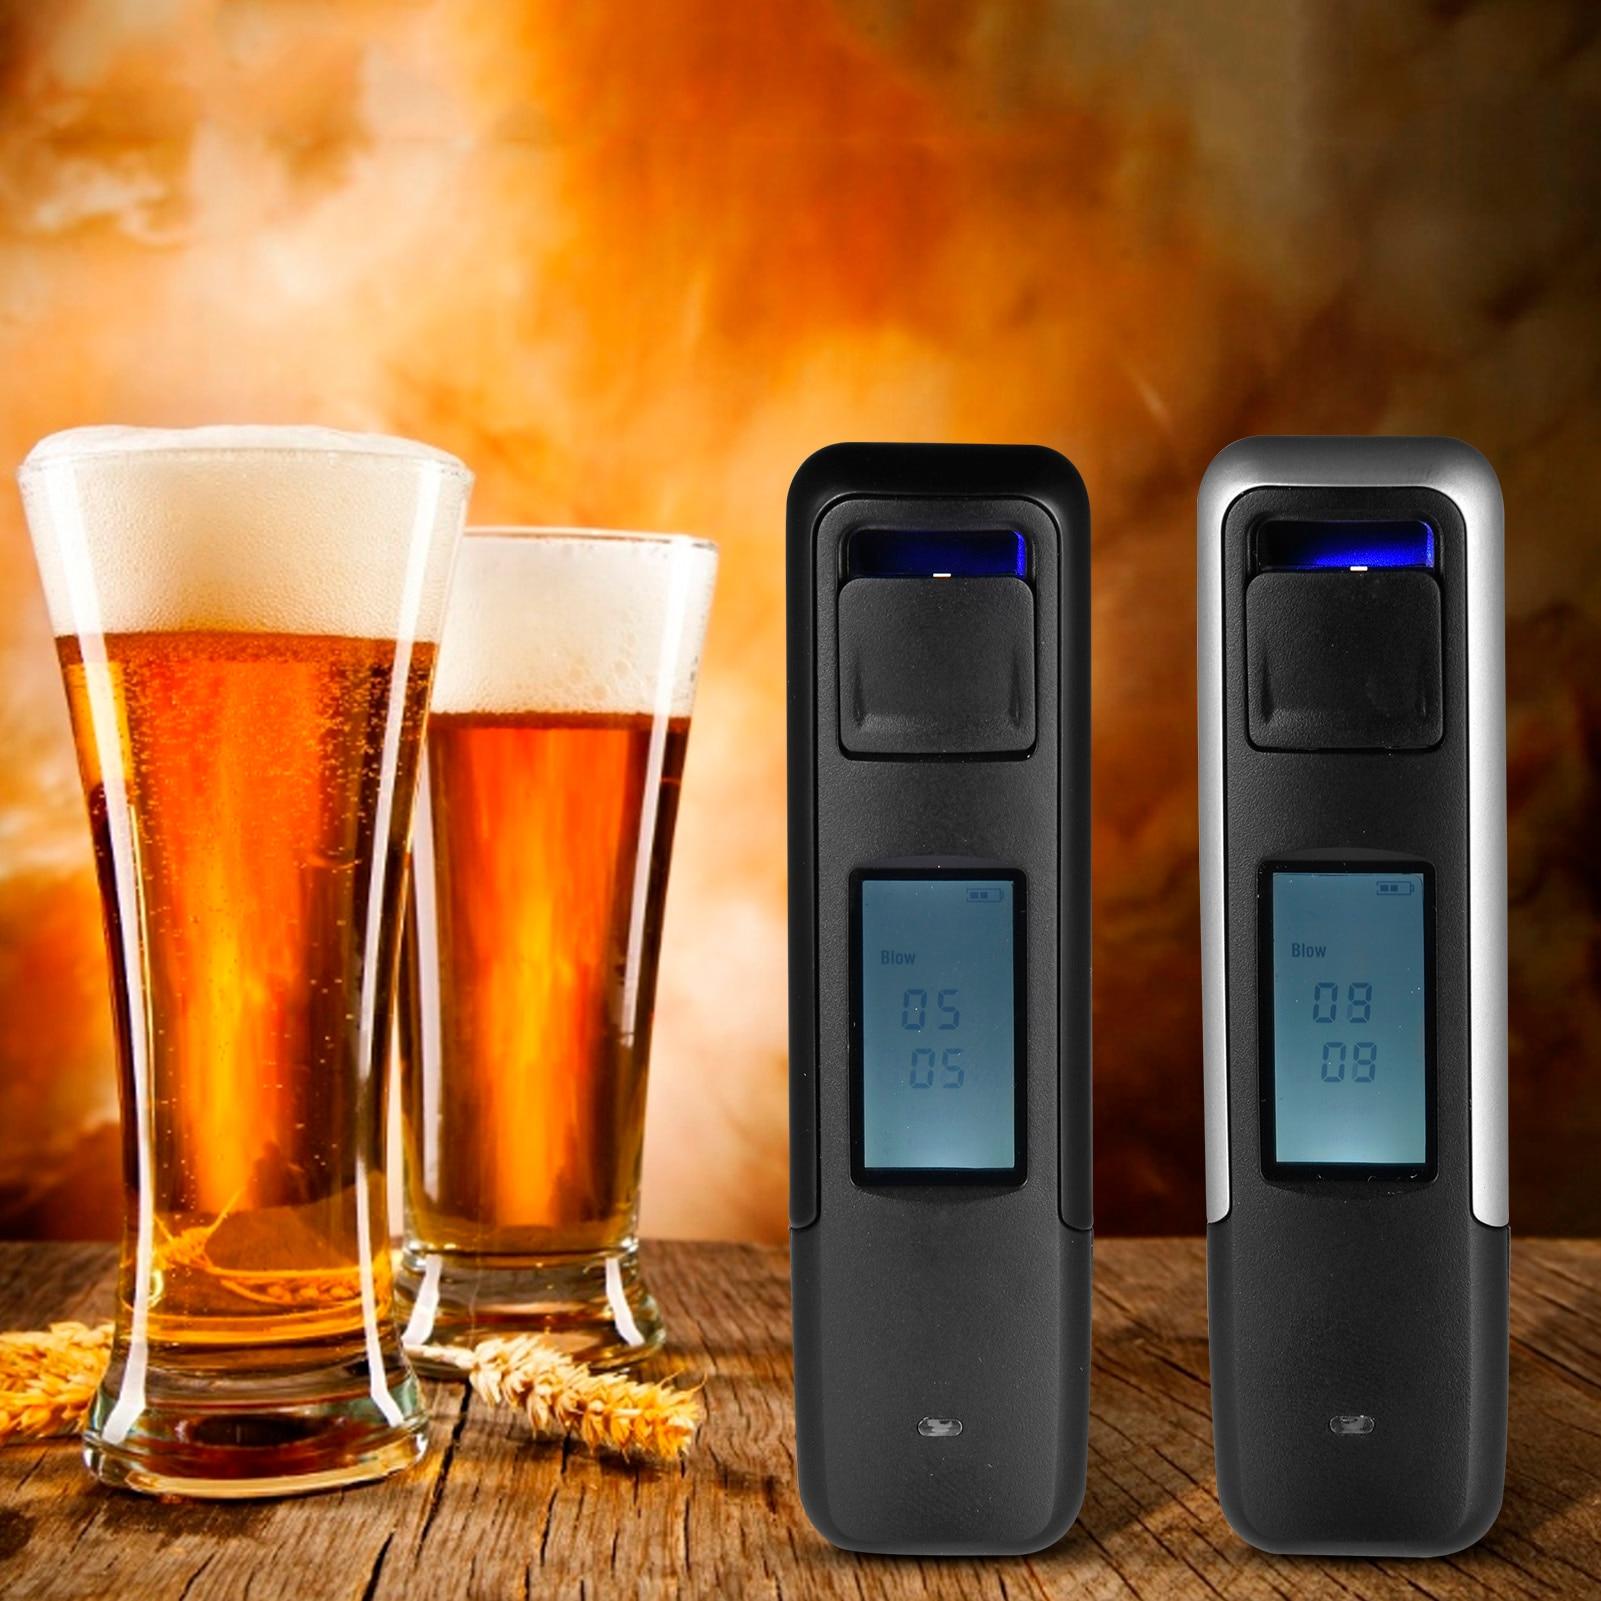 1 шт. AT05 портативный цифровой анализатор дыхания с подсветкой Тестер спирта дыхания анализатор ЖК-дисплей детектор Бесконтактный цифровой ...